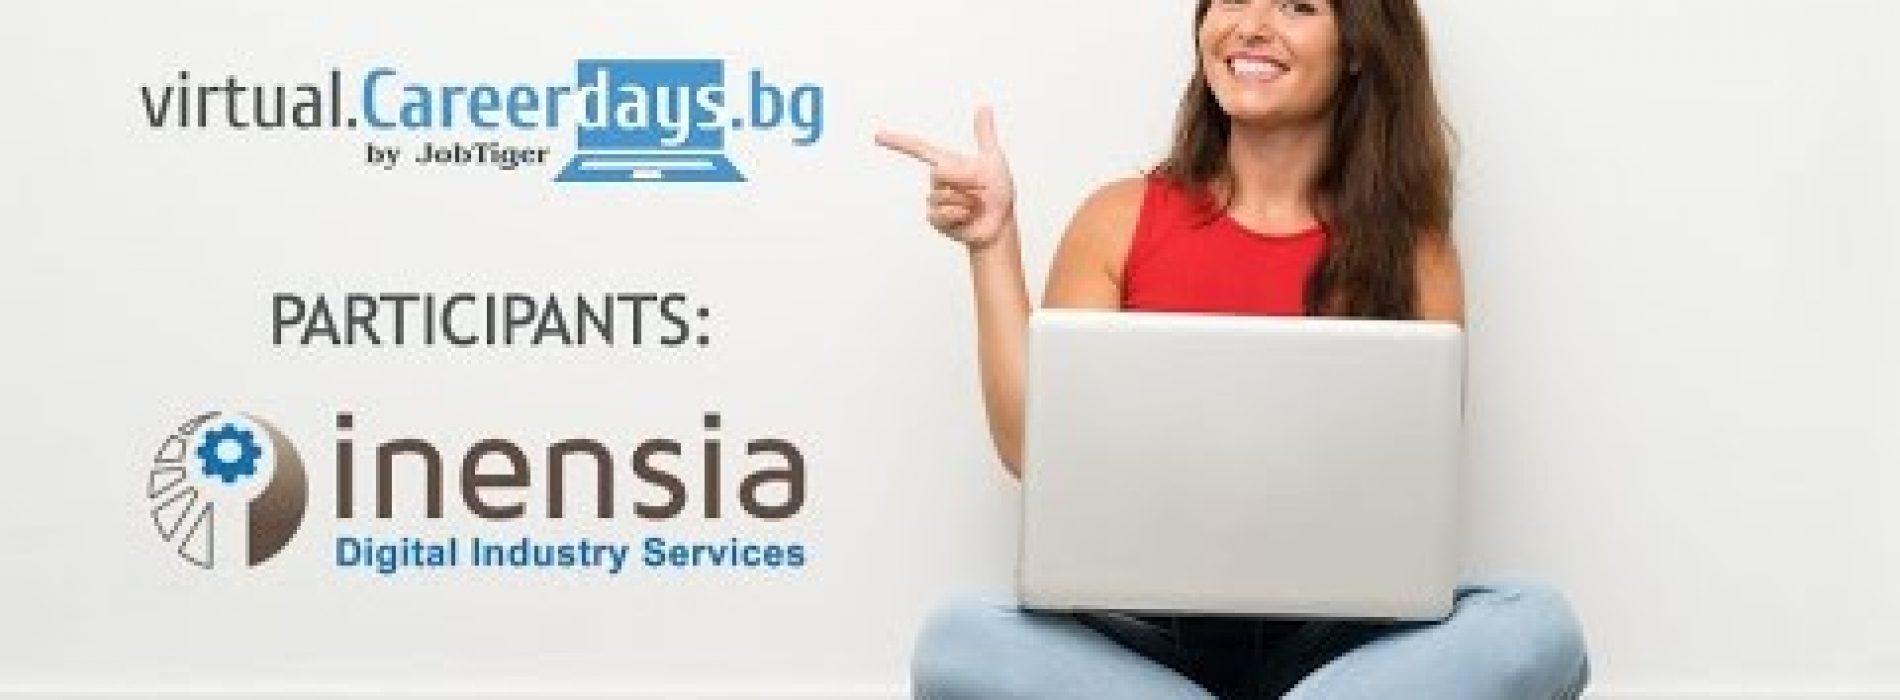 Работодателите на Виртуални дни на кариерата 2020: Inensia